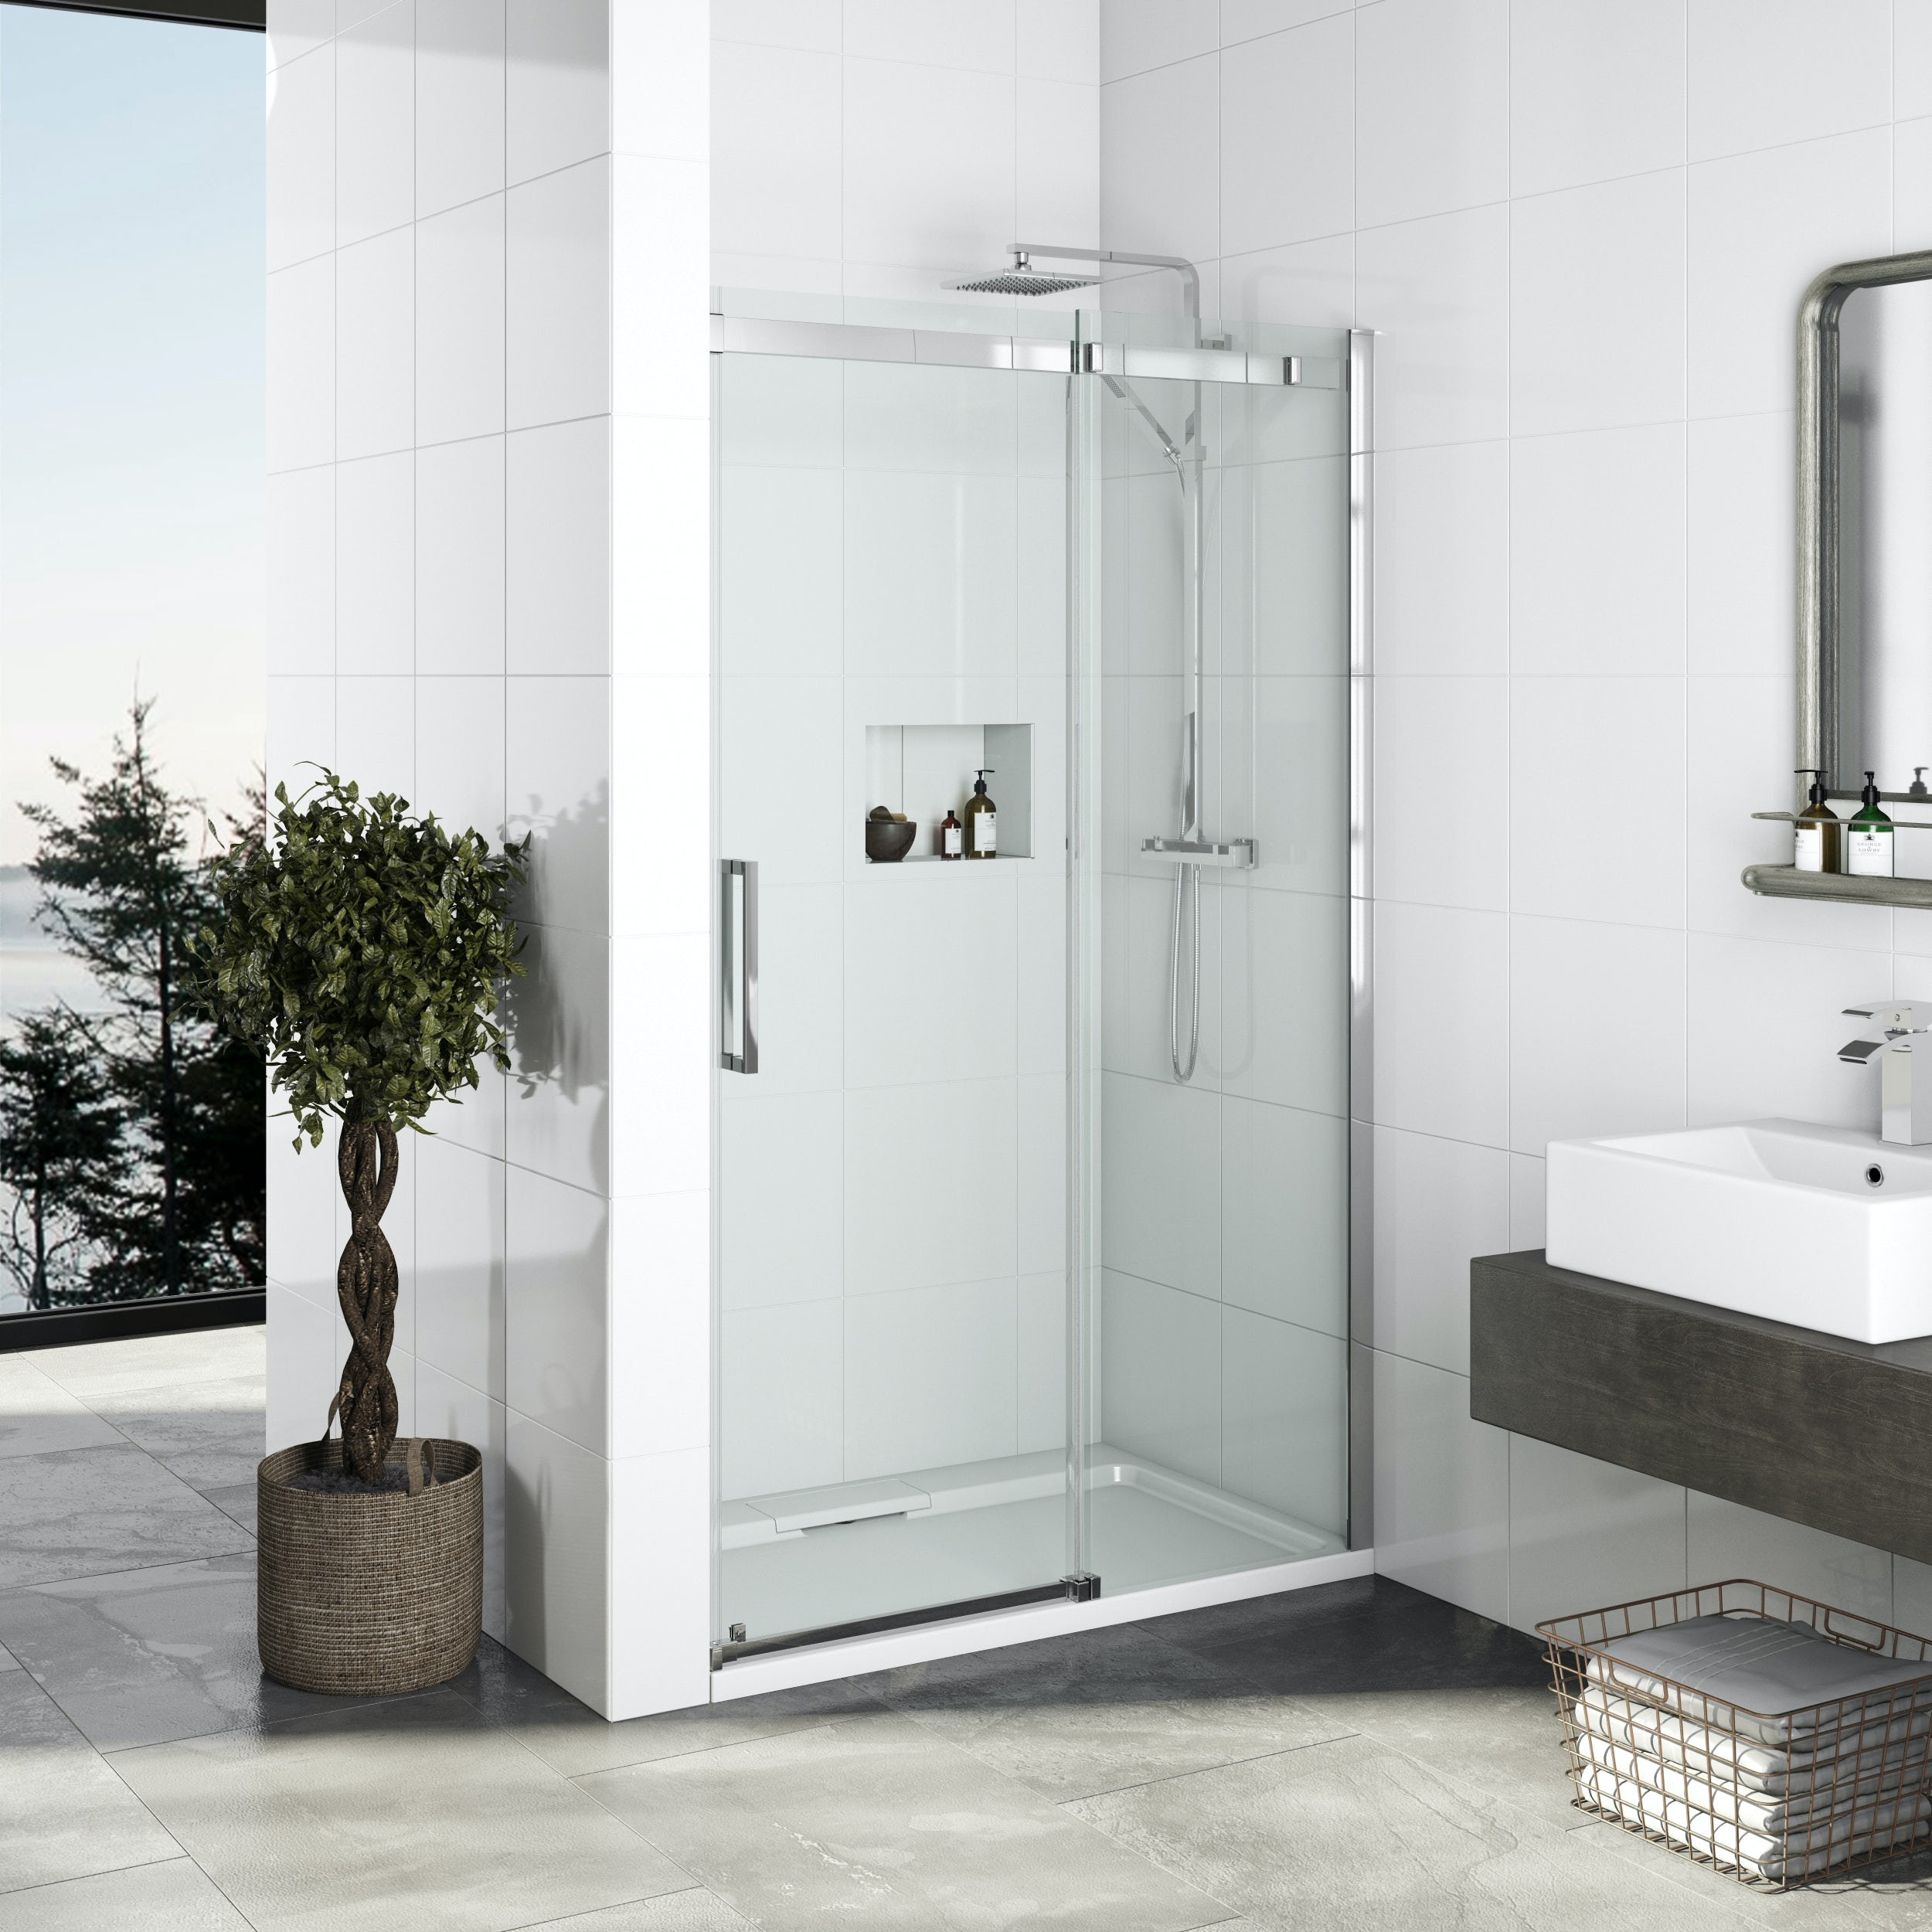 mode elite 10mm frameless sliding shower door 1200mm. Black Bedroom Furniture Sets. Home Design Ideas